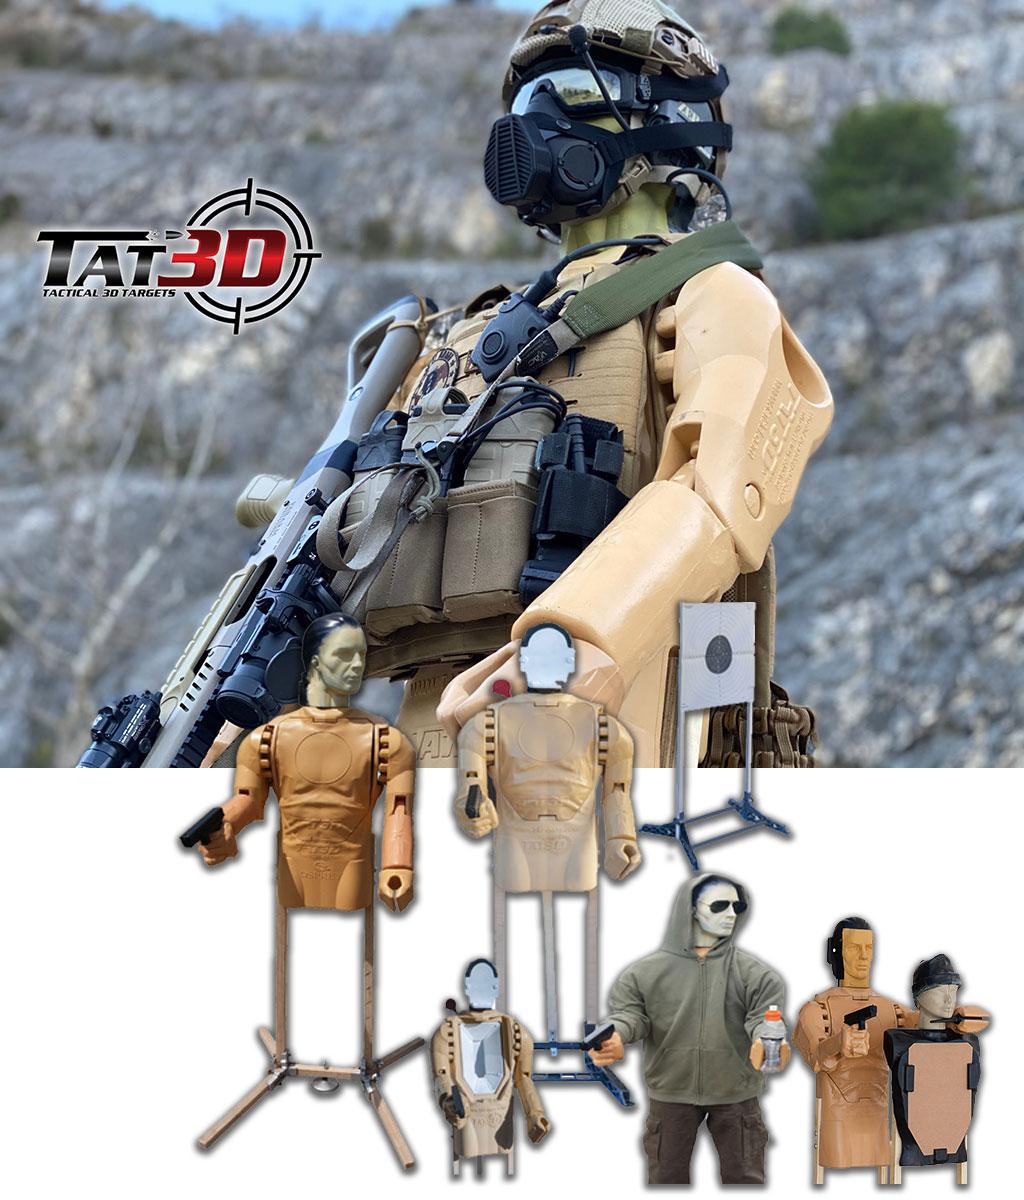 TAT3D Targets